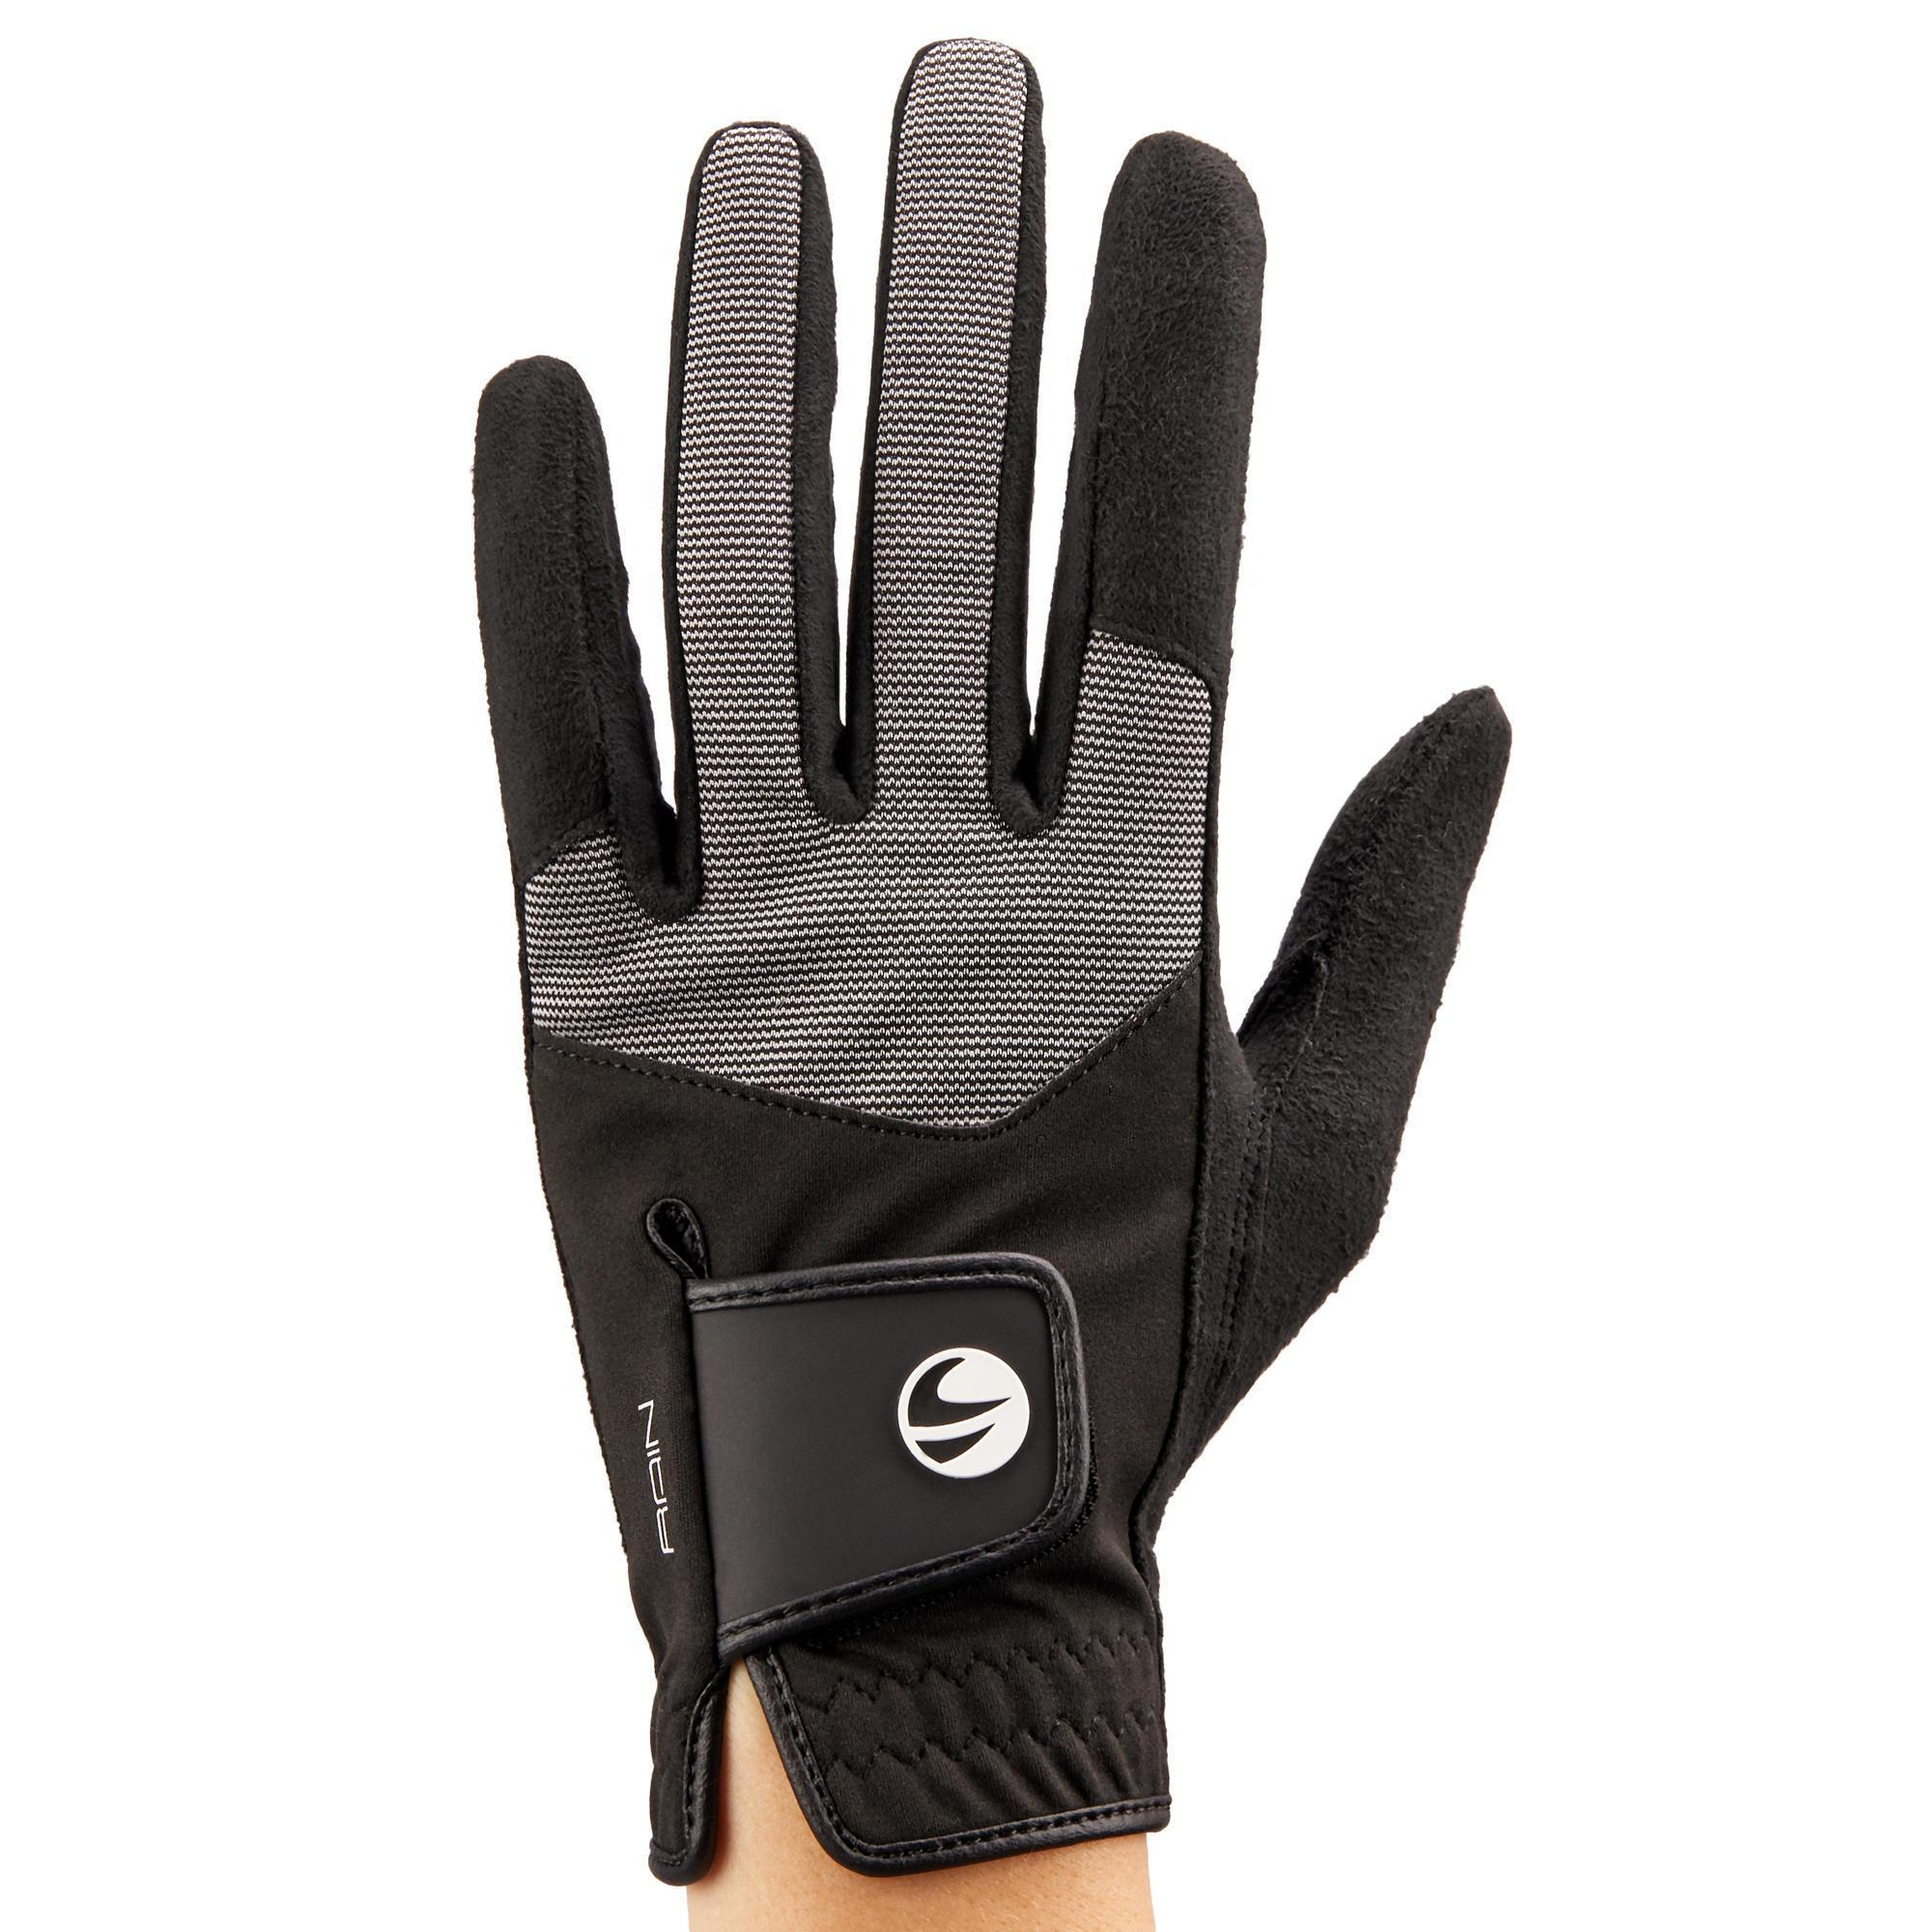 Inesis Golfhandschoen voor heren, voor regenweer, rechtshandig. kopen